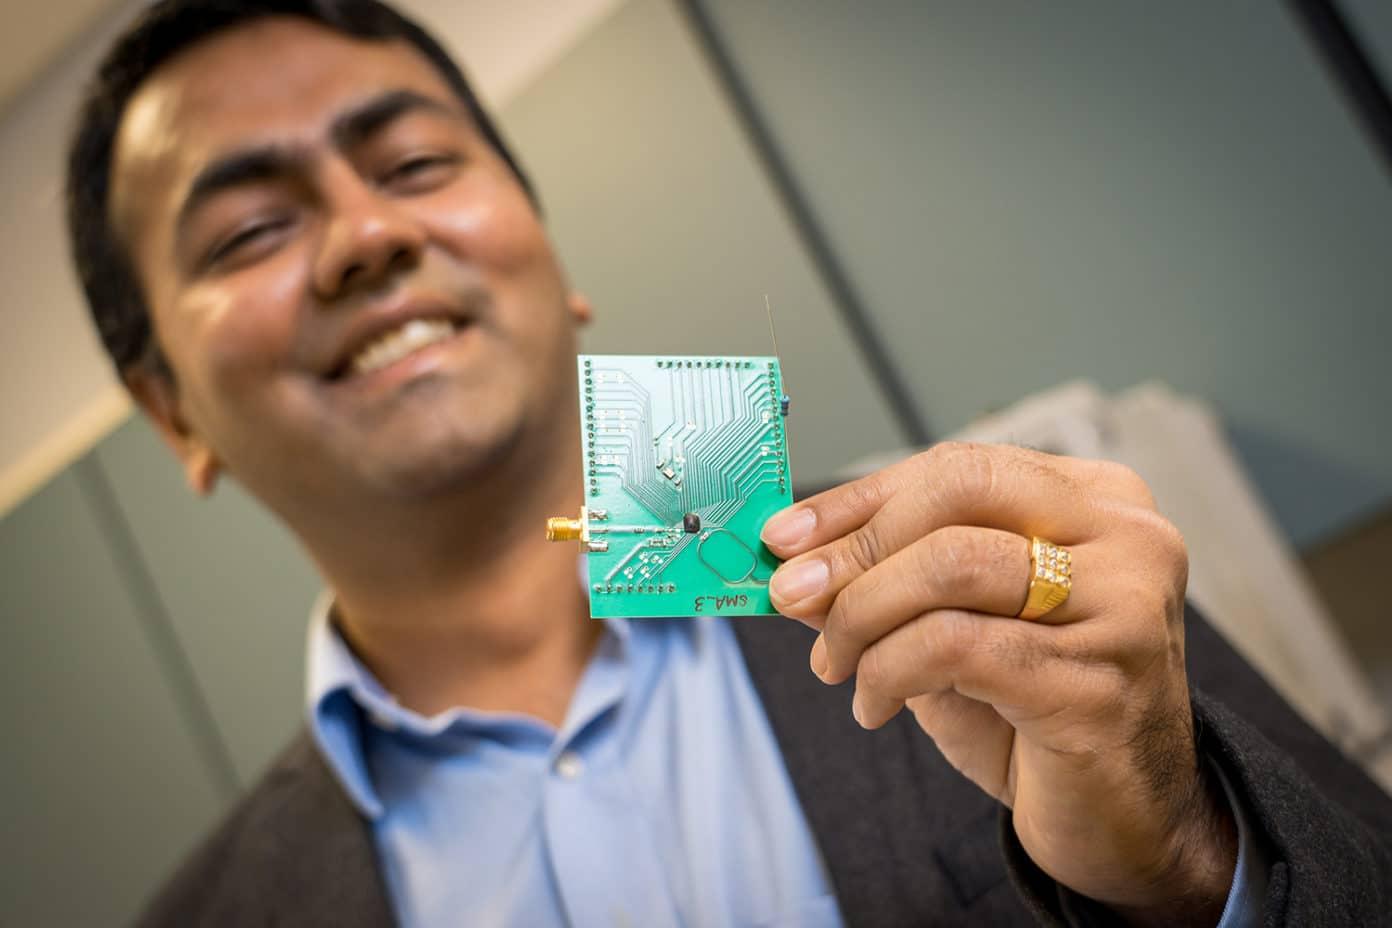 Novo chip Wi-Fi consome até 5 mil vezes menos energia